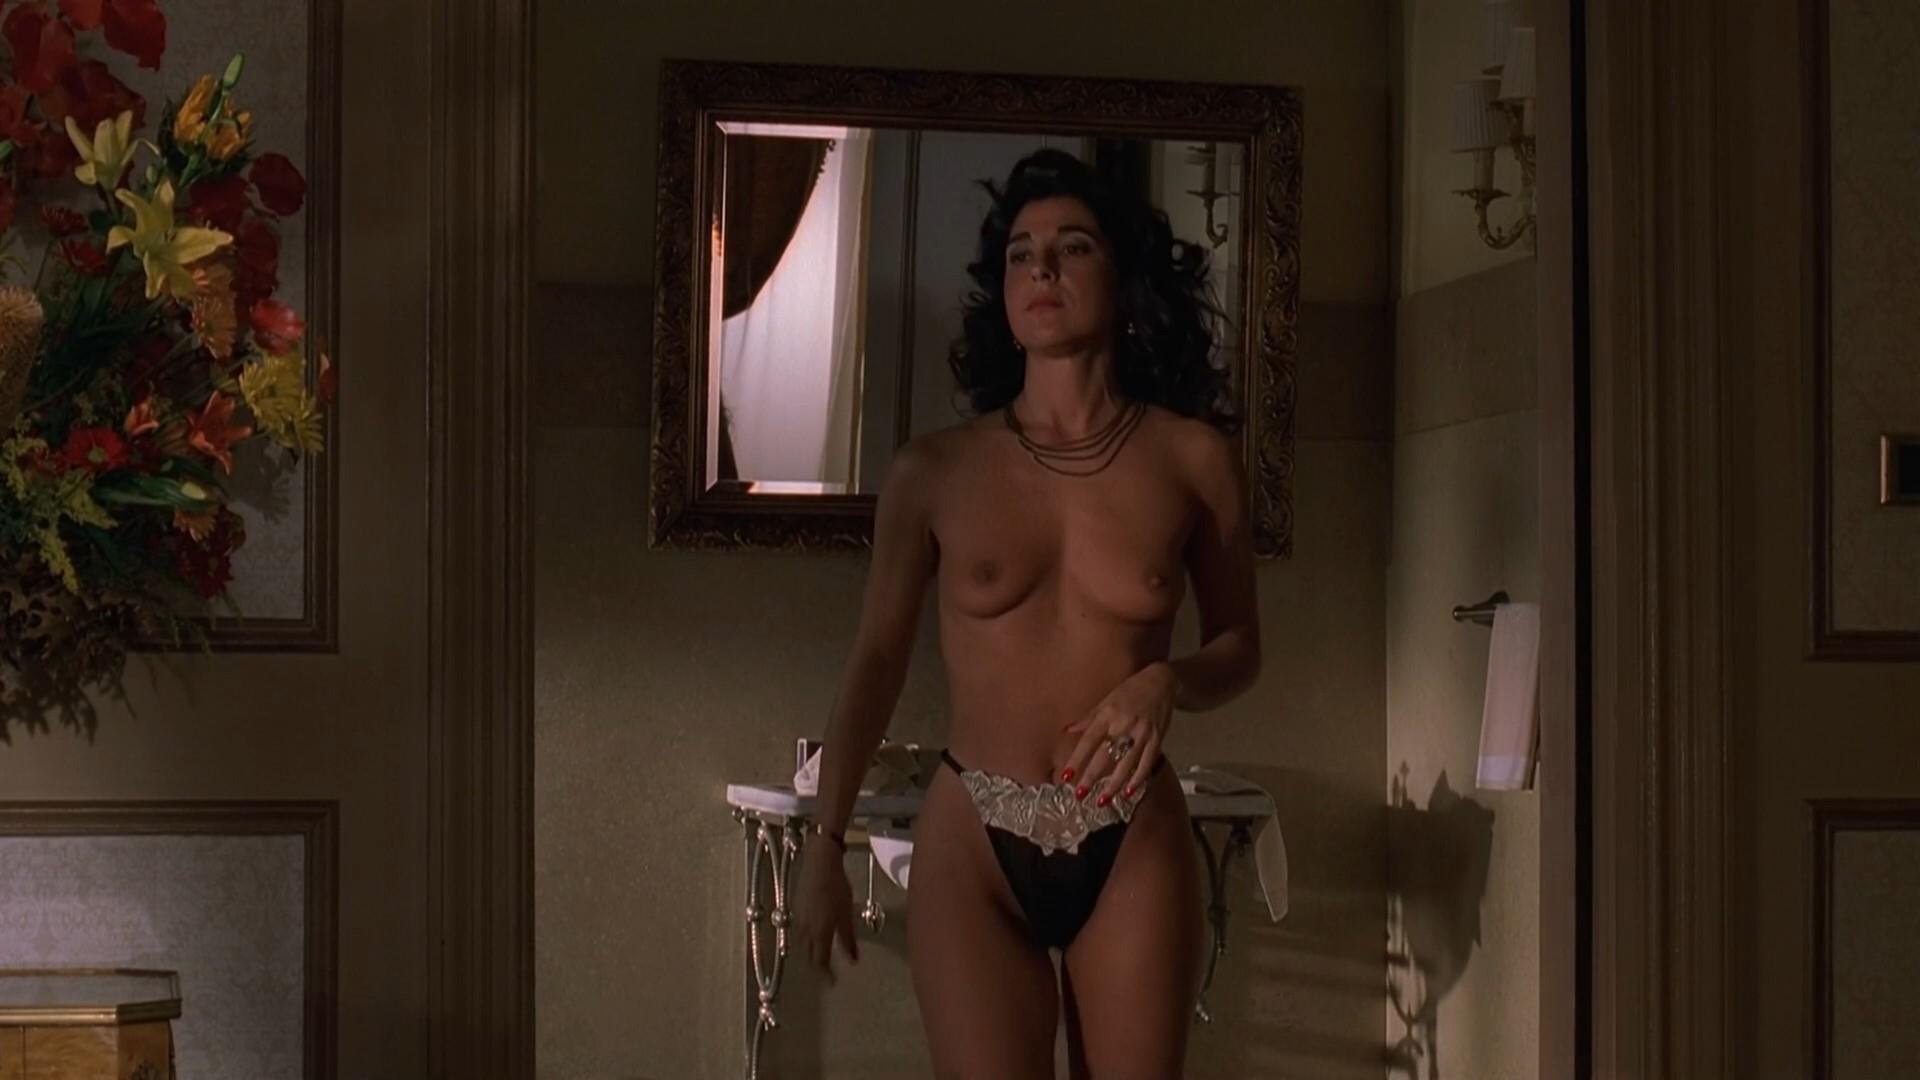 Sopranos nude scenes